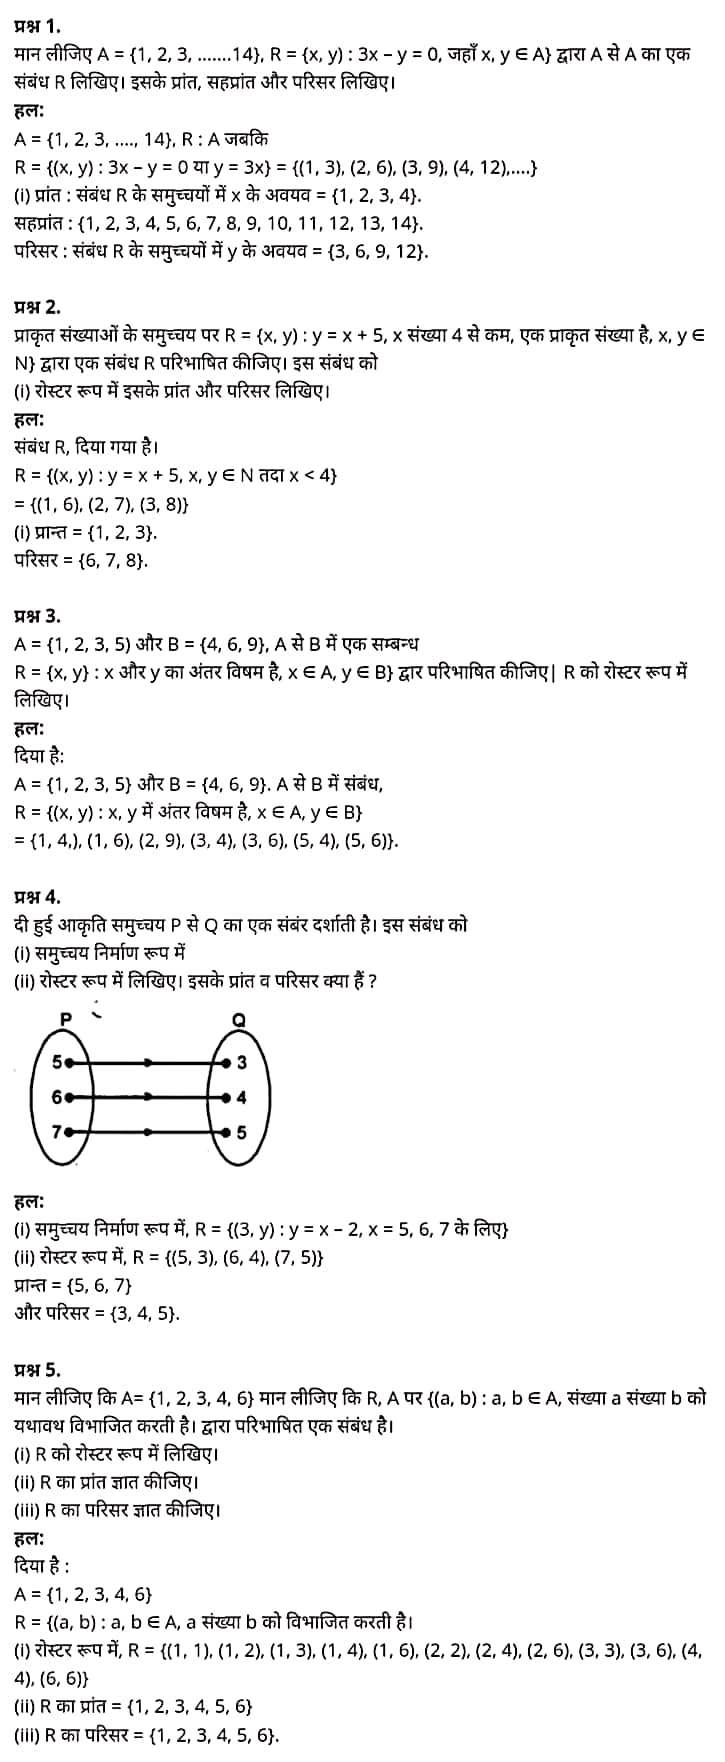 Class 11 matha Chapter 2,  class 11 matha chapter 2 ncert solutions in hindi,  class 11 matha chapter 2 notes in hindi,  class 11 matha chapter 2 question answer,  class 11 matha chapter 2 notes,  11 class matha chapter 2 in hindi,  class 11 matha chapter 2 in hindi,  class 11 matha chapter 2 important questions in hindi,  class 11 matha notes in hindi,   matha class 11 notes pdf,  matha Class 11 Notes 2021 NCERT,  matha Class 11 PDF,  matha book,  matha Quiz Class 11,  11th matha book up board,  up Board 11th matha Notes,  कक्षा 11 मैथ्स अध्याय 2,  कक्षा 11 मैथ्स का अध्याय 2 ncert solution in hindi,  कक्षा 11 मैथ्स के अध्याय 2 के नोट्स हिंदी में,  कक्षा 11 का मैथ्स अध्याय 2 का प्रश्न उत्तर,  कक्षा 11 मैथ्स अध्याय 2 के नोट्स,  11 कक्षा मैथ्स अध्याय 2 हिंदी में,  कक्षा 11 मैथ्स अध्याय 2 हिंदी में,  कक्षा 11 मैथ्स अध्याय 2 महत्वपूर्ण प्रश्न हिंदी में,  कक्षा 11 के मैथ्स के नोट्स हिंदी में,  मैथ्स कक्षा 11 नोट्स pdf,  मैथ्स कक्षा 11 नोट्स 2021 NCERT,  मैथ्स कक्षा 11 PDF,  मैथ्स पुस्तक,  मैथ्स की बुक,  मैथ्स प्रश्नोत्तरी Class 11, 11 वीं मैथ्स पुस्तक up board,  बिहार बोर्ड 11 वीं मैथ्स नोट्स,    11th matha book in hindi,11th matha notes in hindi,cbse books for class 11,cbse books in hindi,cbse ncert books,class 11 matha notes in hindi,class 11 hindi ncert solutions,matha 2020,matha 2021,matha 2022,matha book class 11,matha book in hindi,matha class 11 in hindi,matha notes for class 11 up board in hindi,ncert all books,ncert app in hindi,ncert book solution,ncert books class 10,ncert books class 11,ncert books for class 7,ncert books for upsc in hindi,ncert books in hindi class 10,ncert books in hindi for class 11 matha,ncert books in hindi for class 6,ncert books in hindi pdf,ncert class 11 hindi book,ncert english book,ncert matha book in hindi,ncert matha books in hindi pdf,ncert matha class 11,ncert in hindi,old ncert books in hindi,online ncert books in hindi,up board 11th,up board 11th syllabus,up board class 10 hindi book,up board class 11 books,up board class 11 